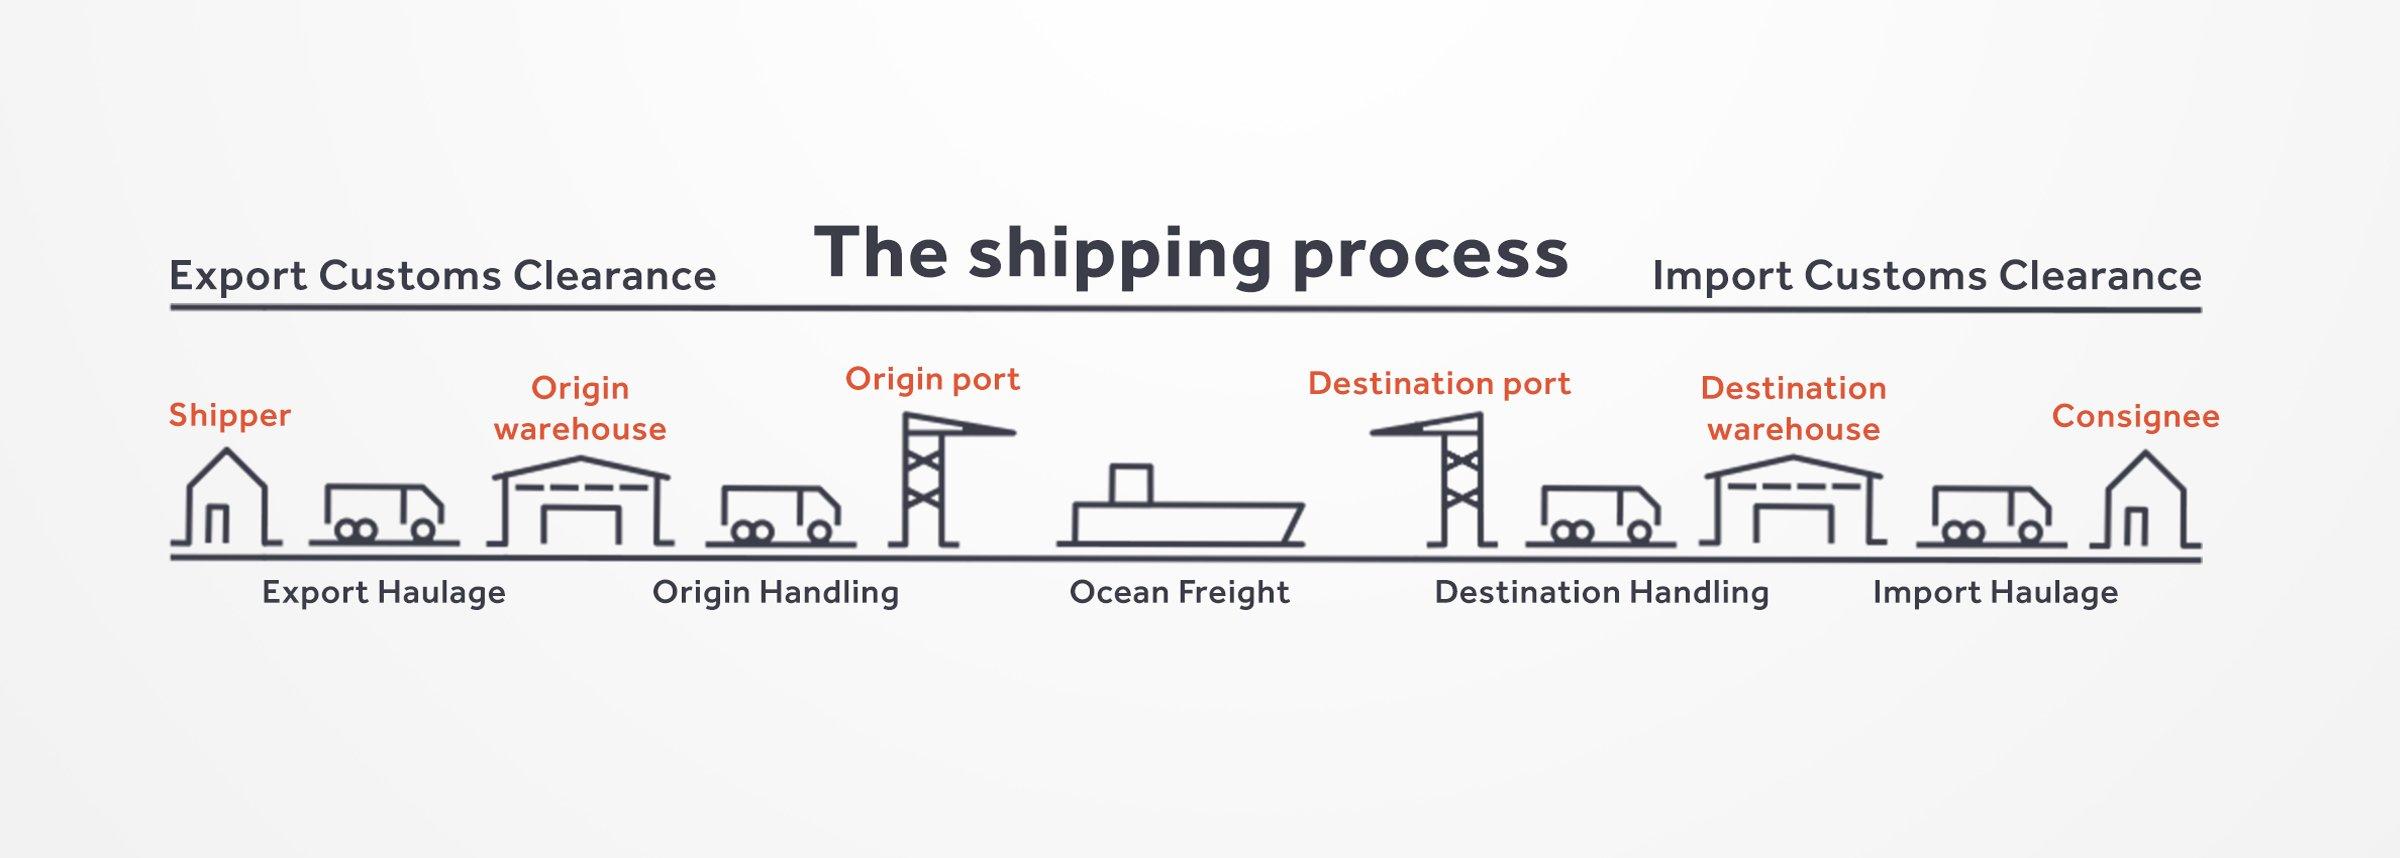 5d3f974f Det vill säga lastbilar, fartyg, tåg, flyg och lageranläggningar. En  speditör behöver inte äga några av dessa resurser. Istället köper  speditören plats på ...